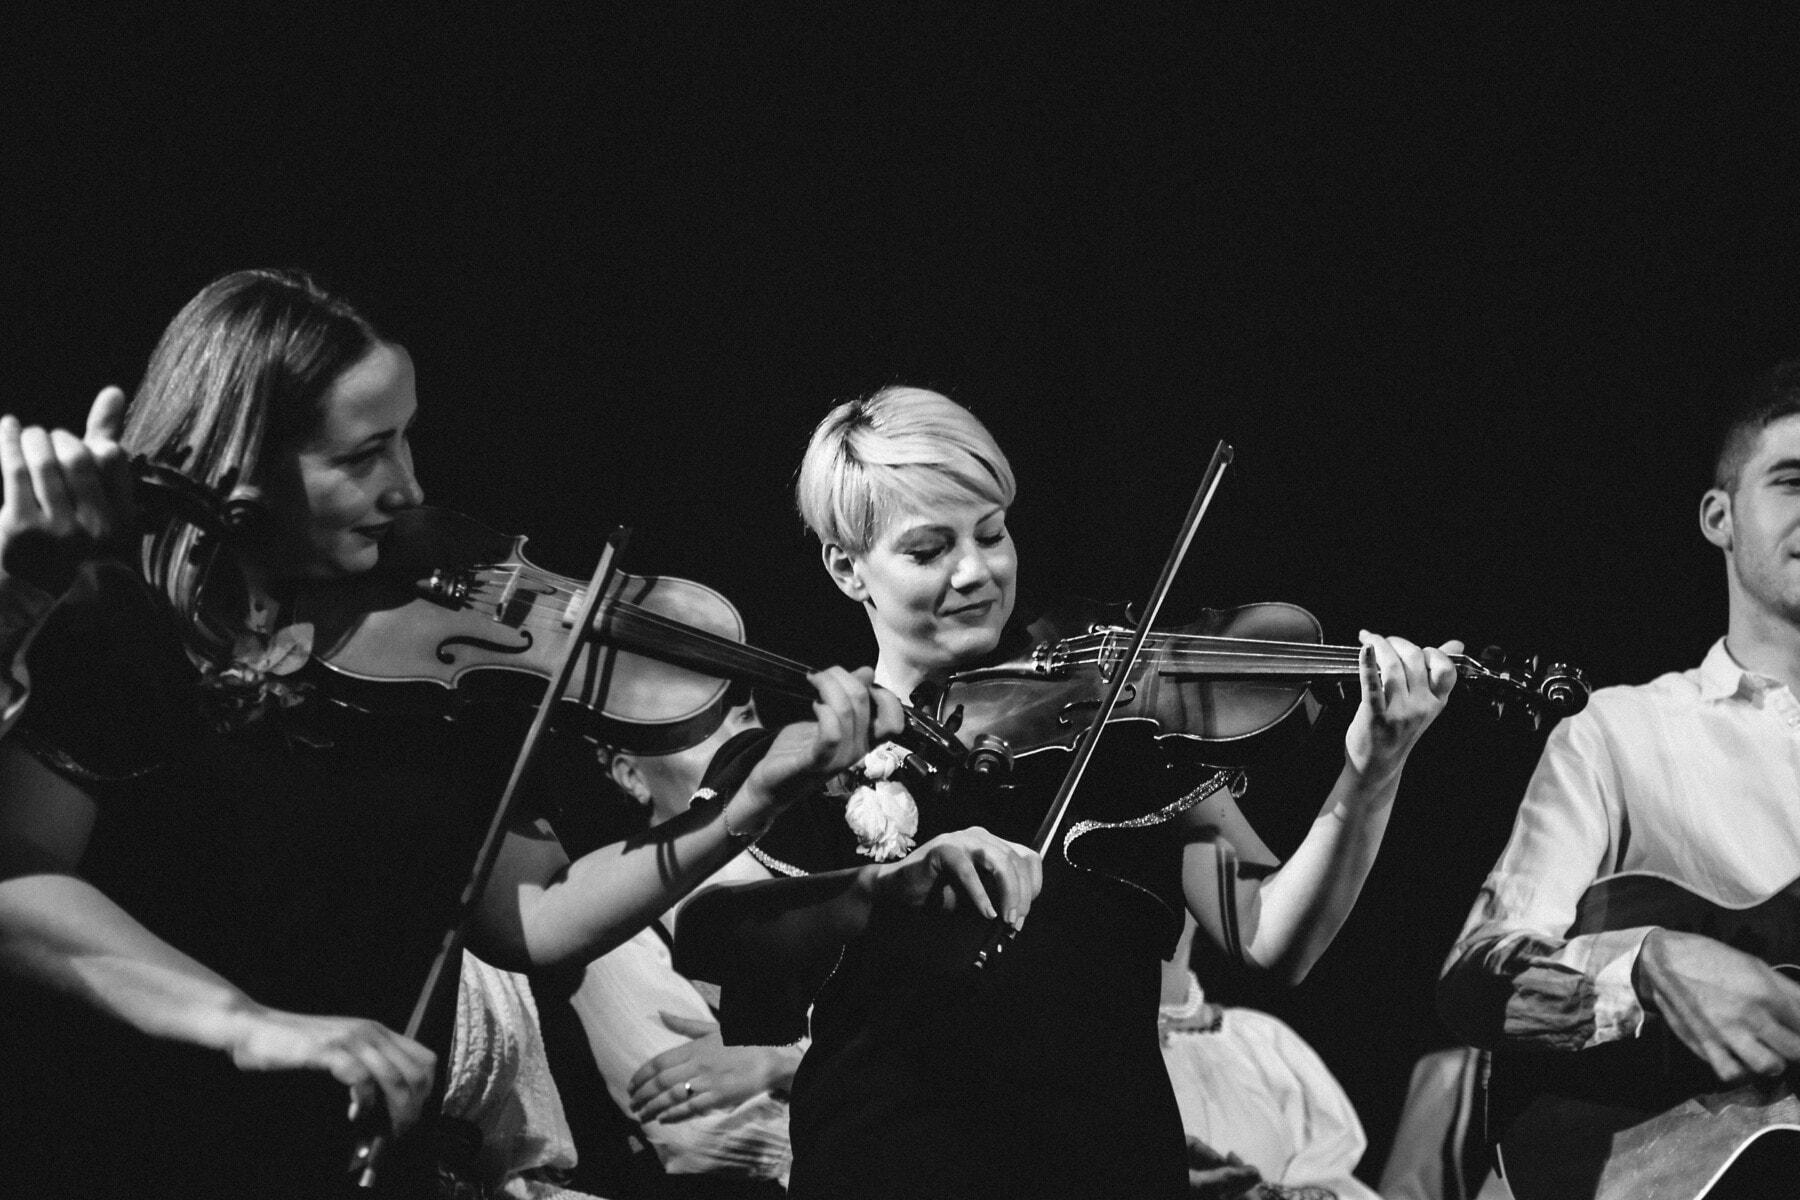 Geige, Instrument, Klassiker, Musik, Konzertsaal, Orchester, Musiker, musikalischen, Menschen, Konzert